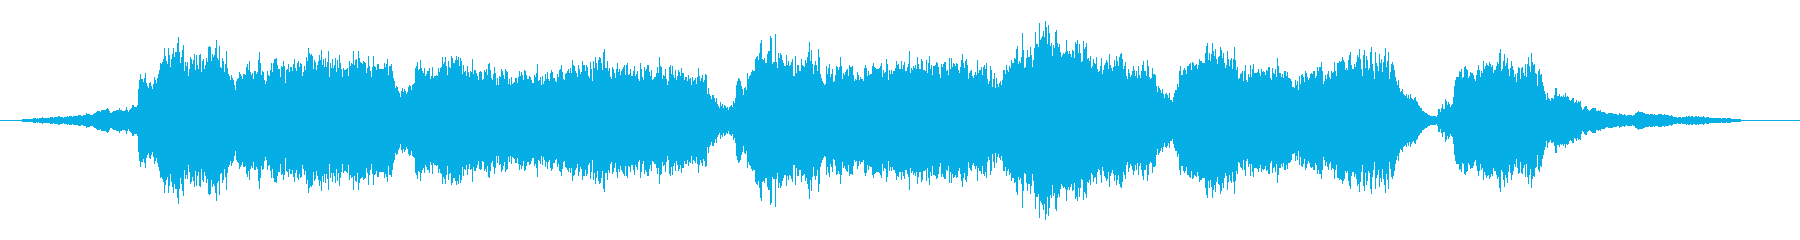 歌声が美しいニューエイジの再生済みの波形